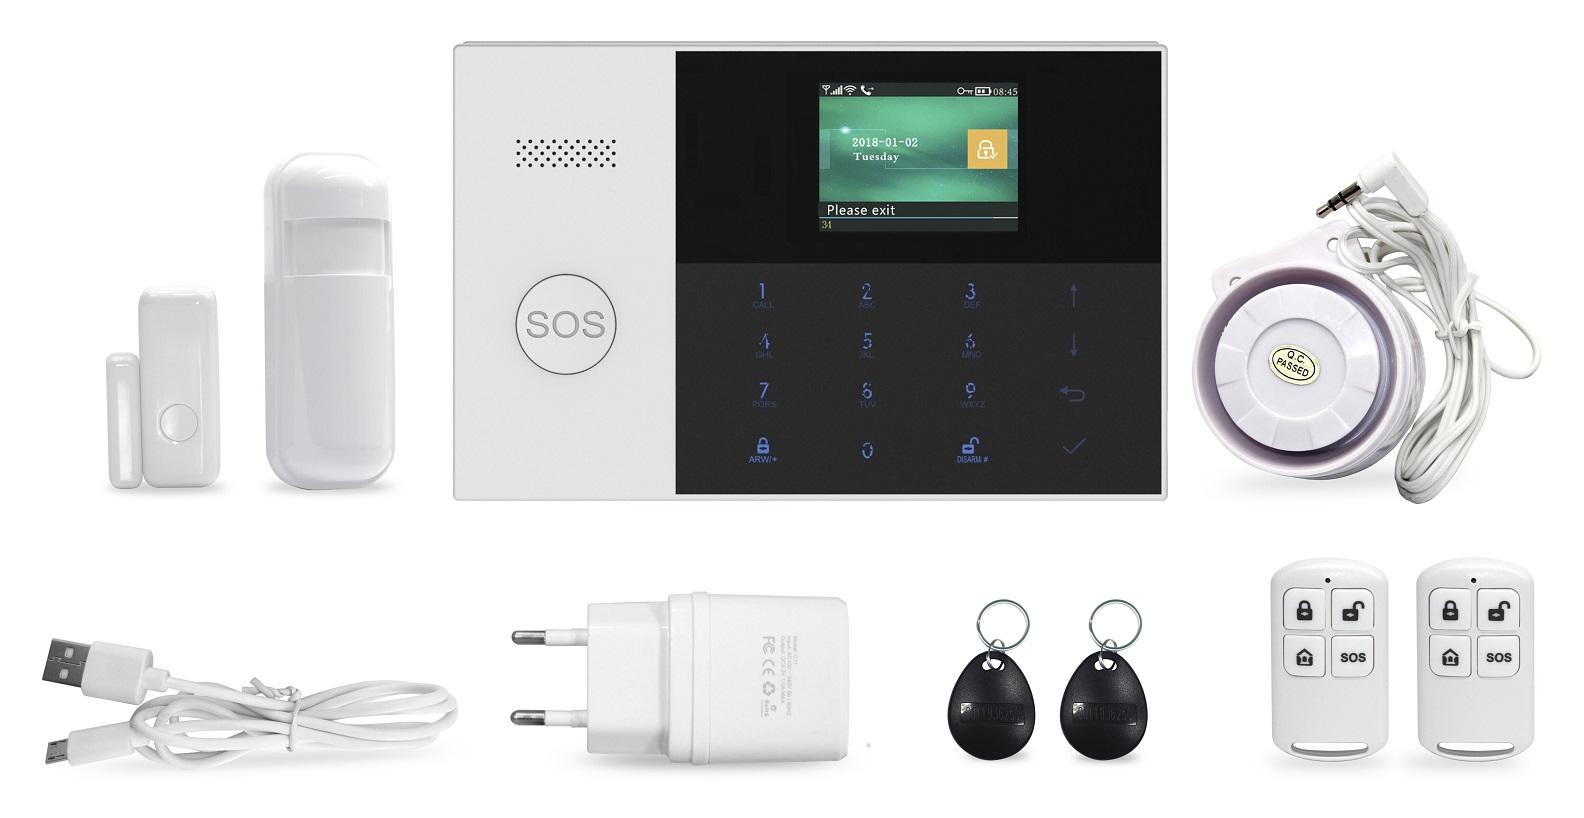 Bezdrátový domovní GSM alarm s Wi-Fi, GSM telefonem a SOS voláním HG-240-EN